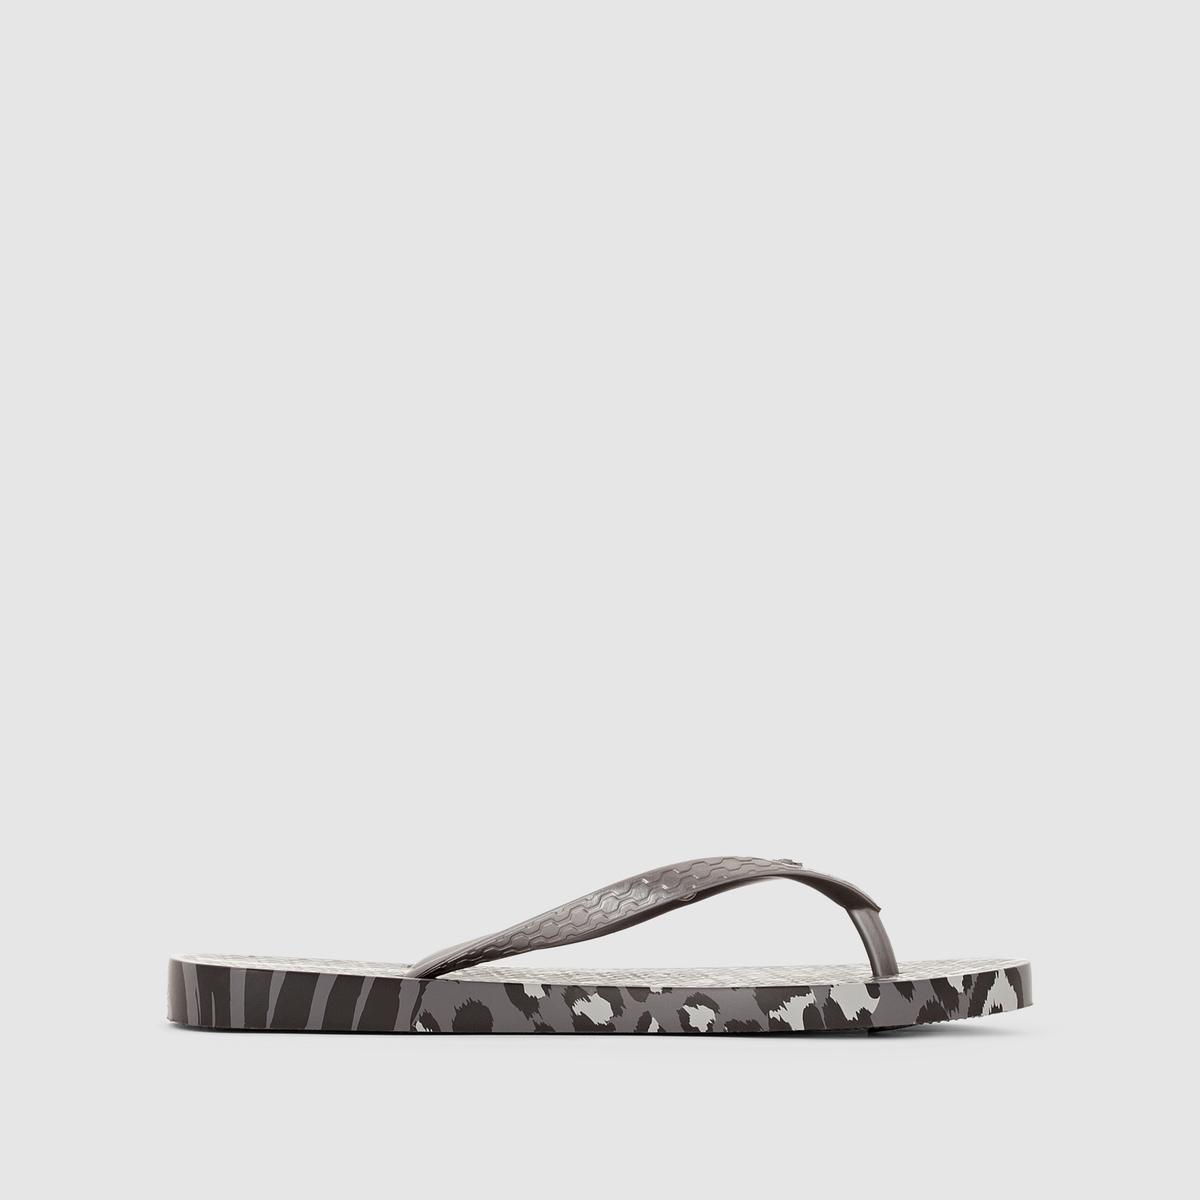 Вьетнамки Animal Print II FemВерх/Голенище : каучук   Стелька : каучук   Подошва : каучук   Форма каблука : плоский каблук   Мысок : открытый мысок   Застежка : без застежки<br><br>Цвет: рисунок леопард/черный<br>Размер: 38